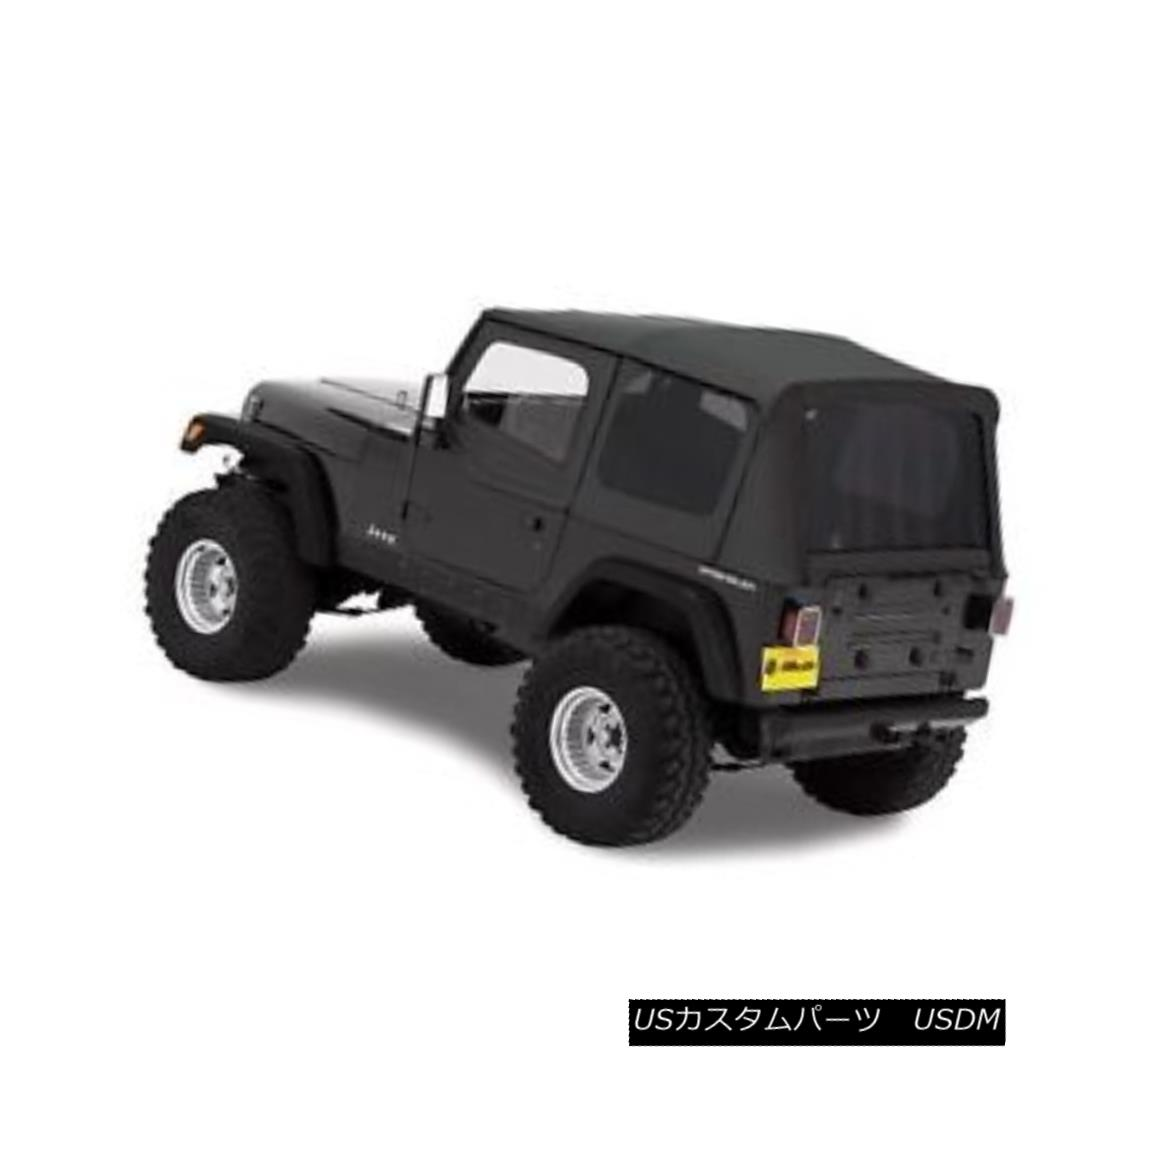 幌・ソフトトップ Bestop Replace A Top 88-95 Jeep Wrangler YJ Half Door Skins Tinted Black Denim Bestopを交換する88-95ジープラングラーYJハーフ・ドア・スキンは黒のデニムを染めた